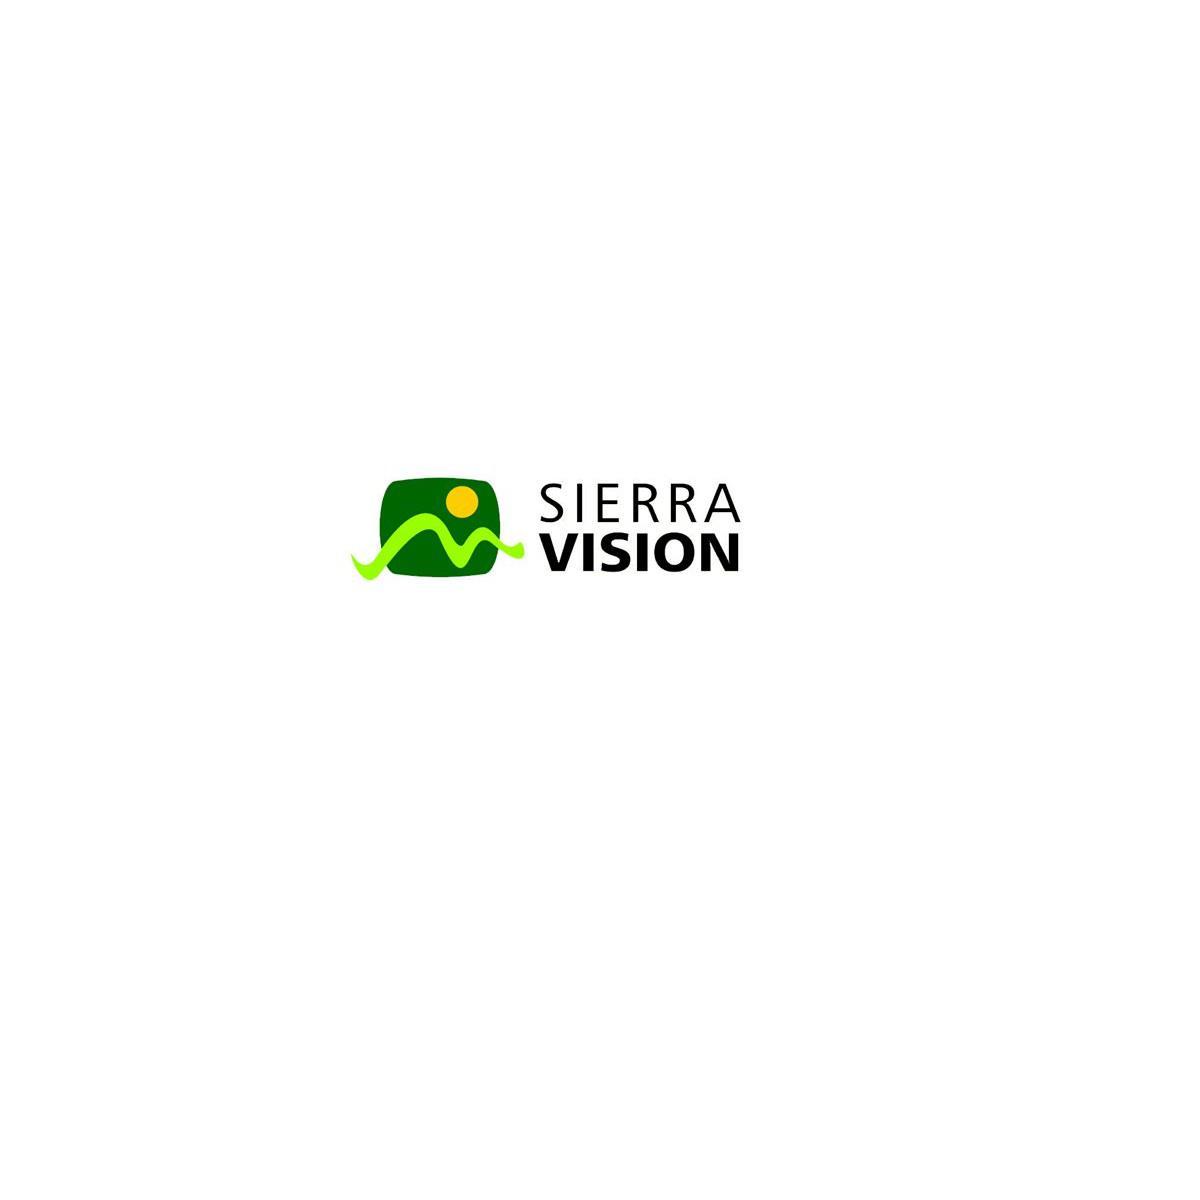 SIERRA VISION